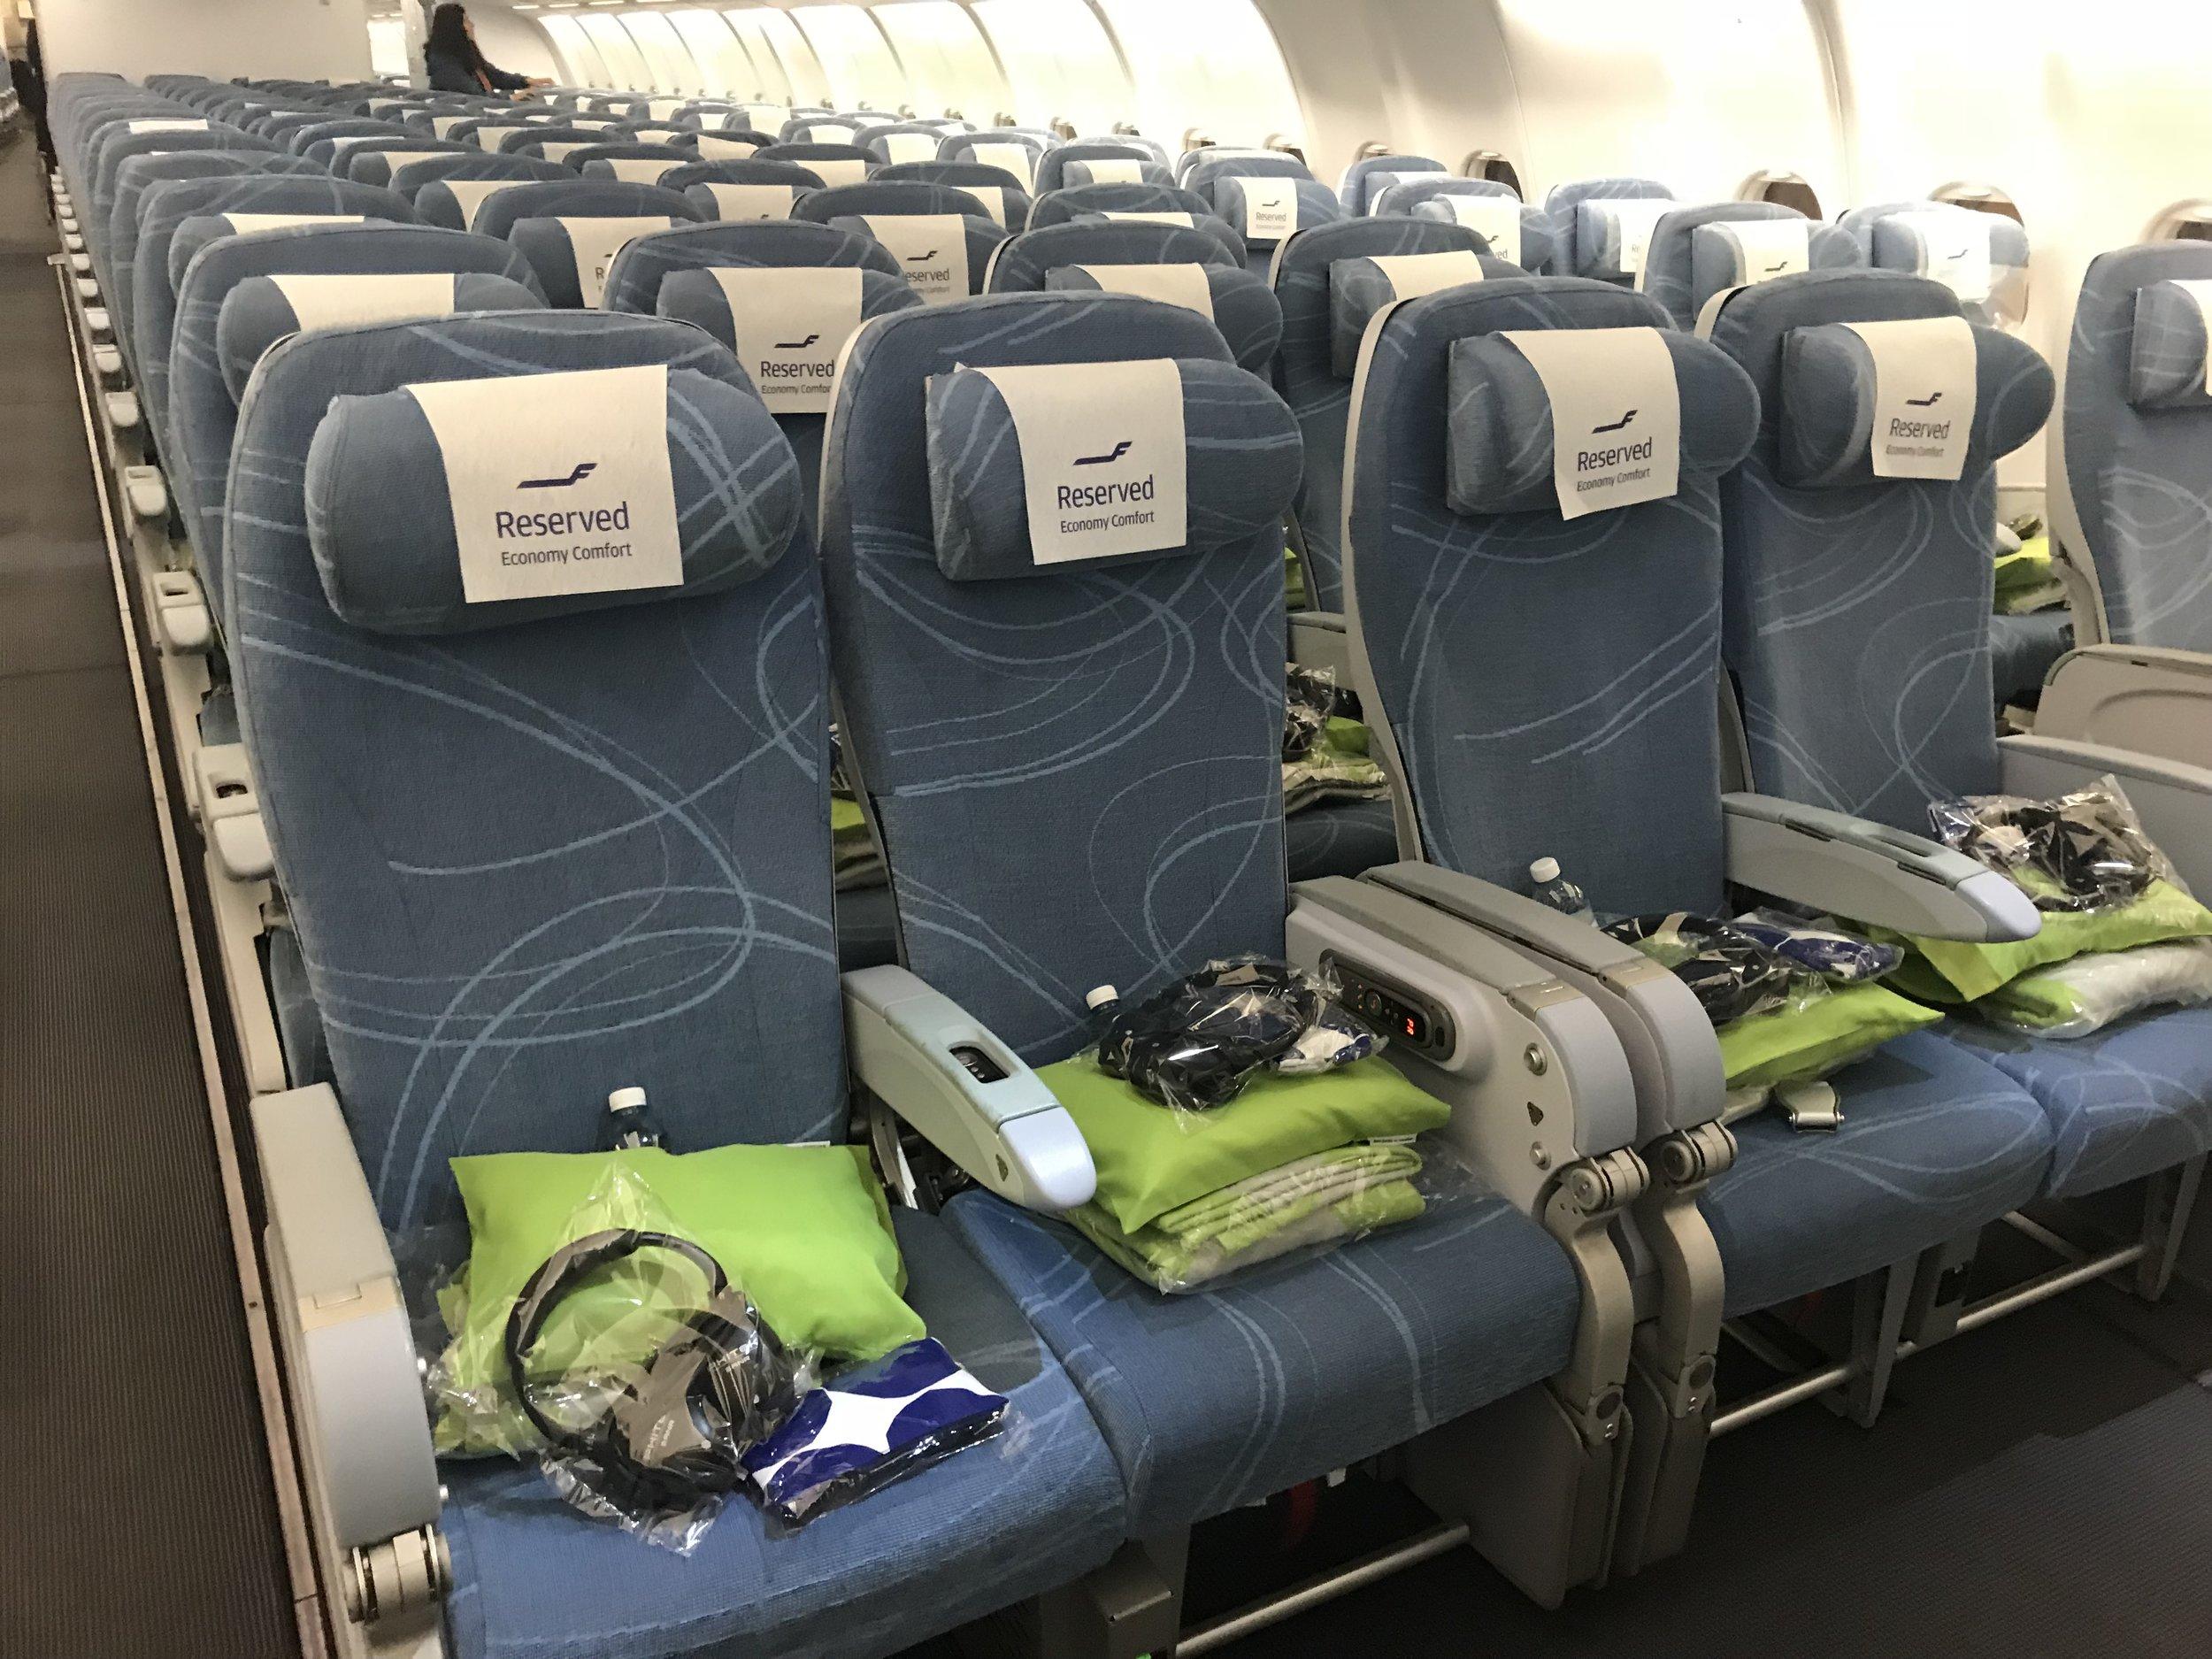 Hva har du med deg inn på flyet?                                                           Foto: Odd Roar Lange